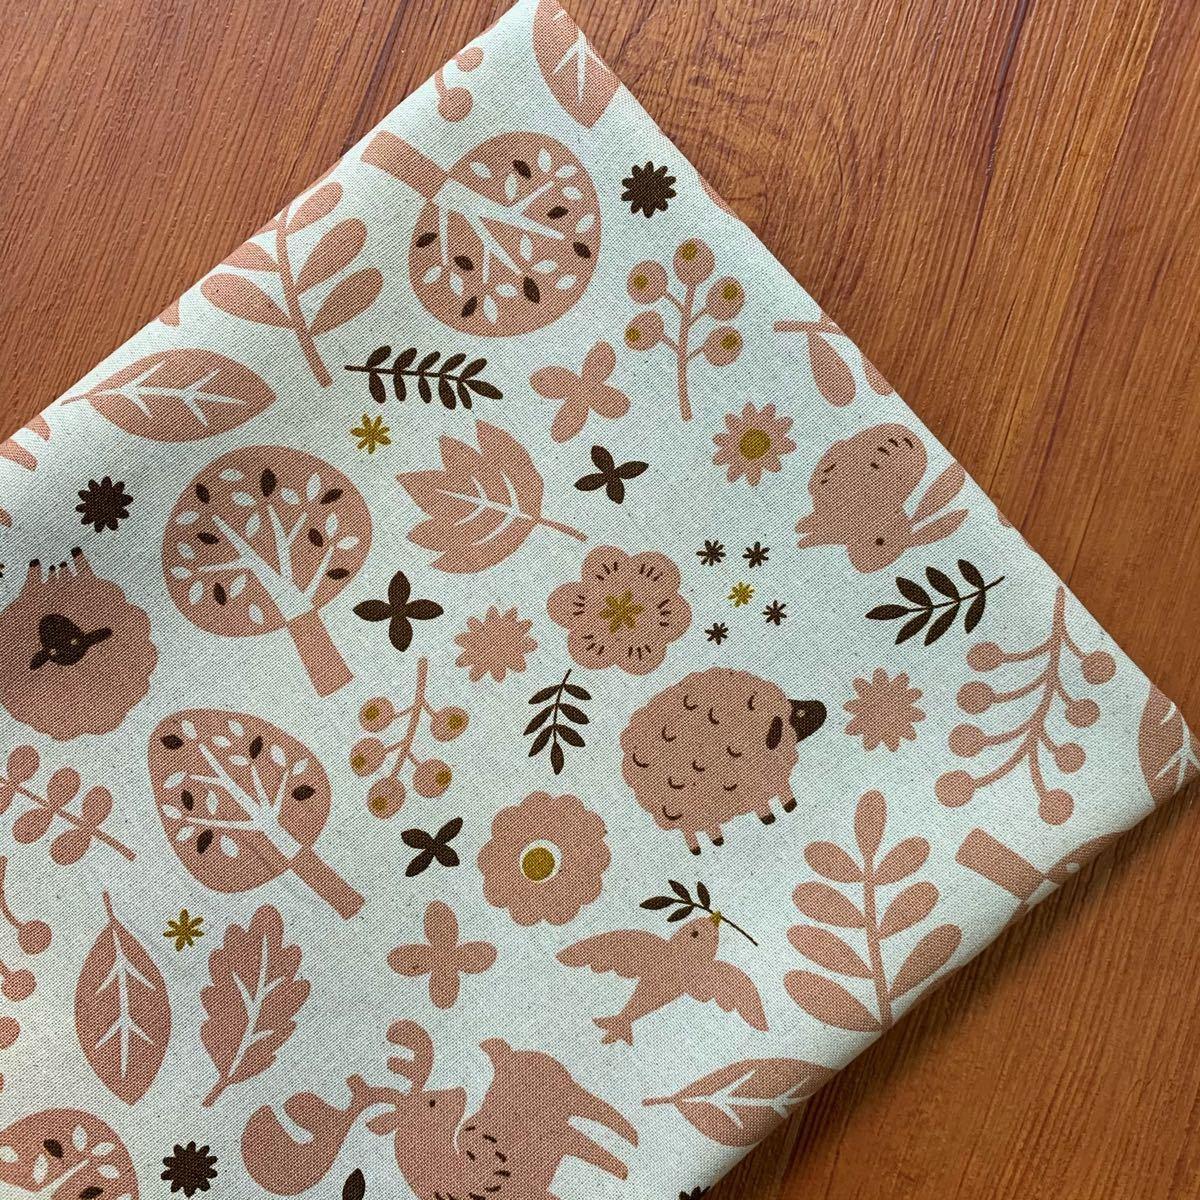 北欧風の森 綿麻キャンバス 森の動物たち 生成り 110×100 商用利用可能 国産 コットンリネン